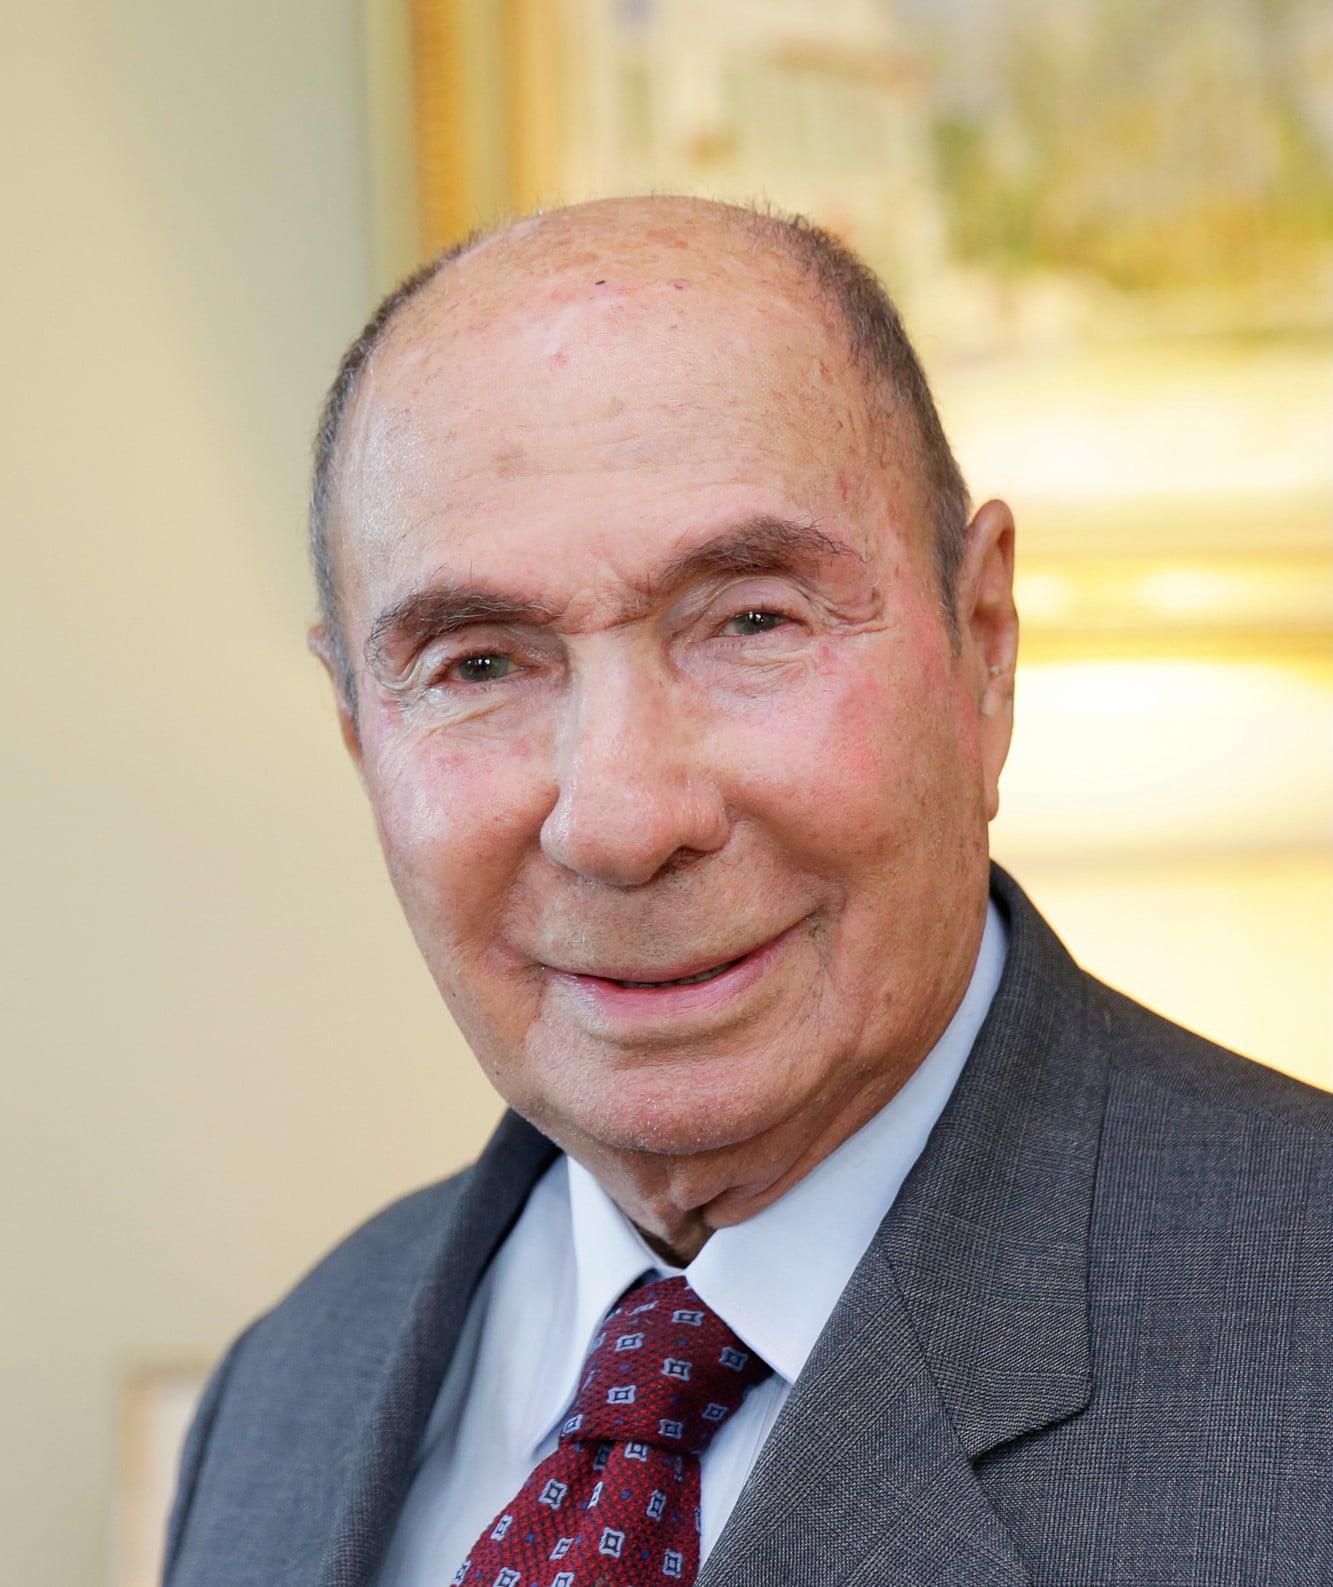 Portrait of Serge Dassault